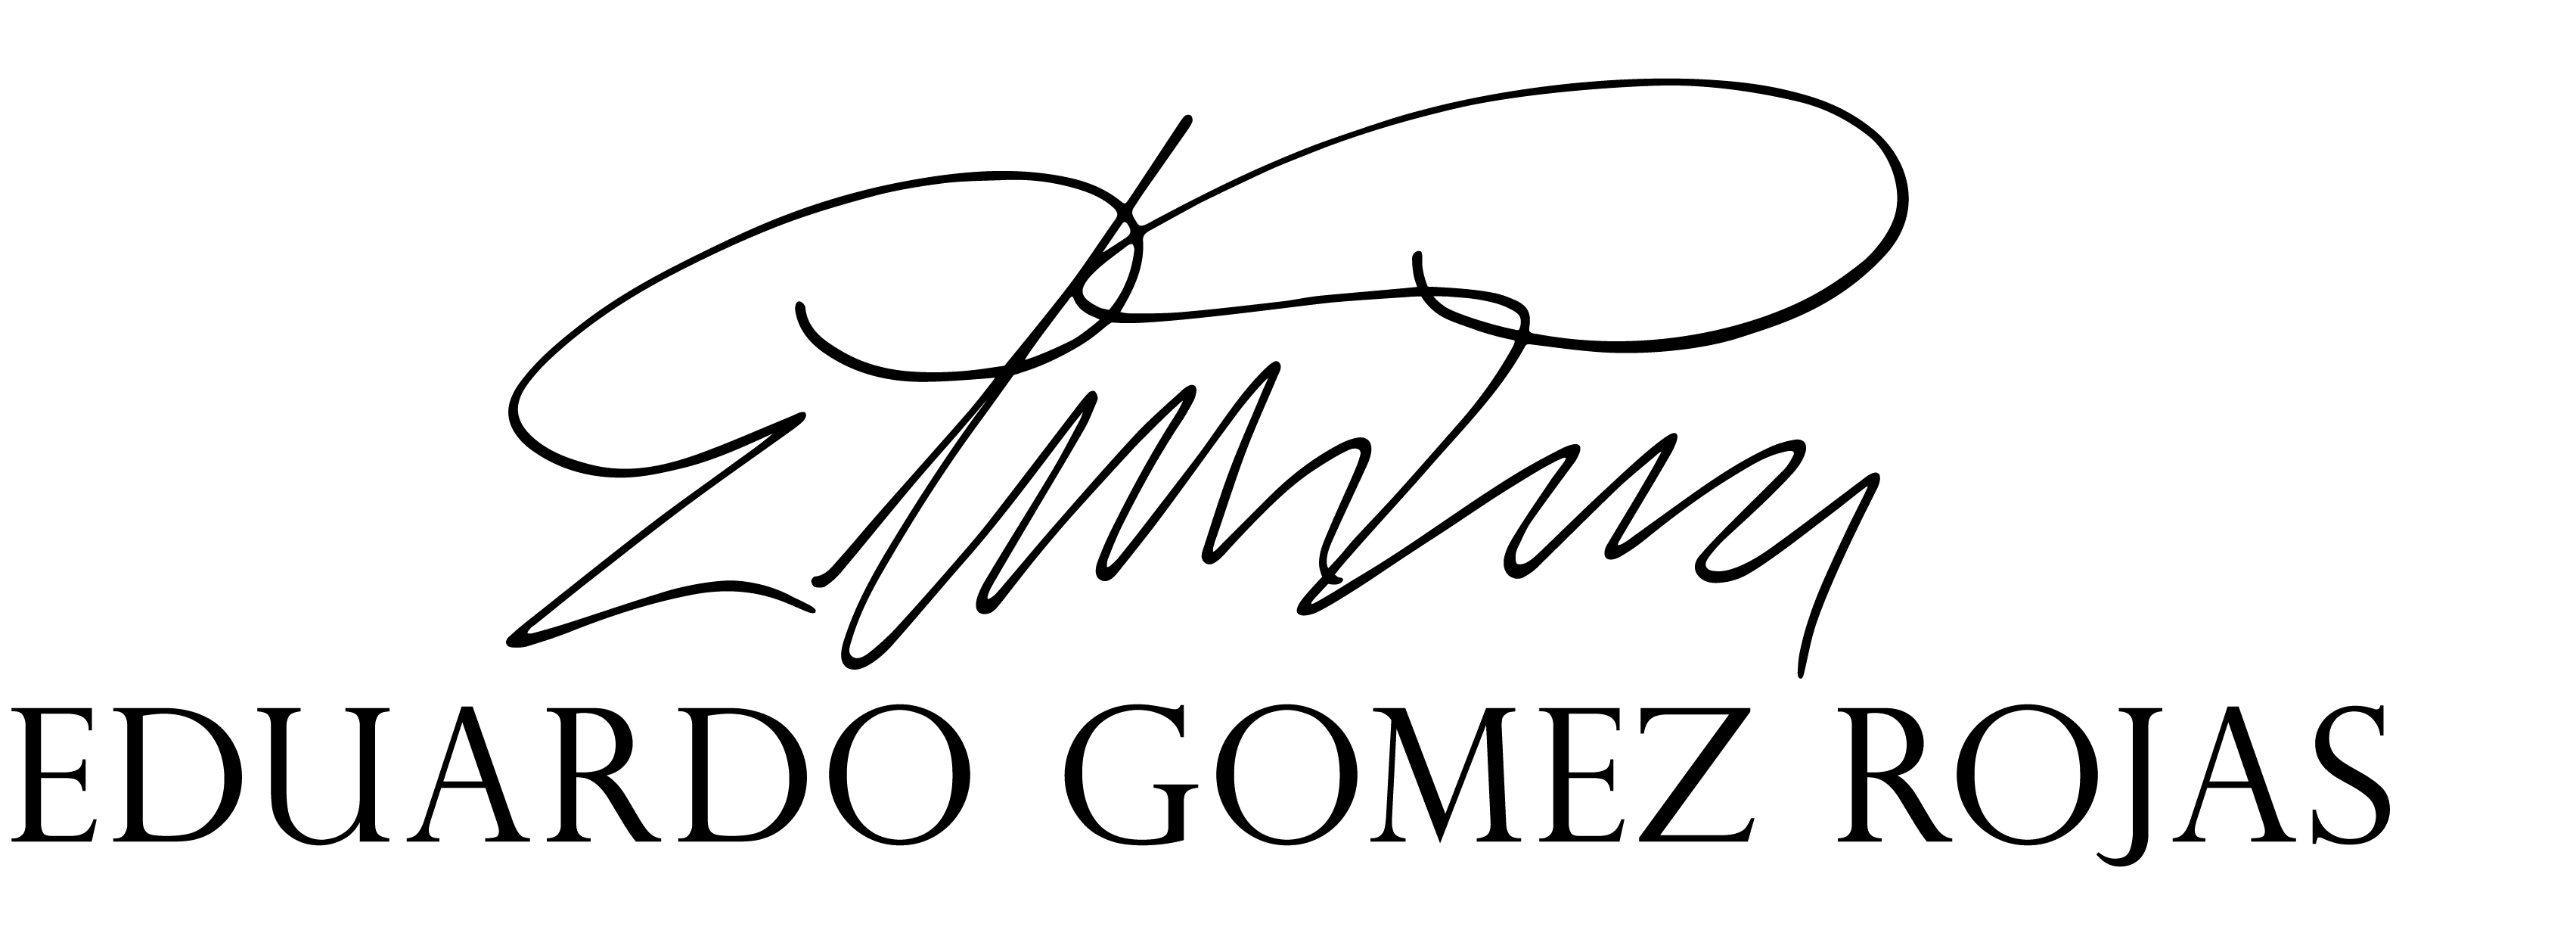 Eduardo Gomez